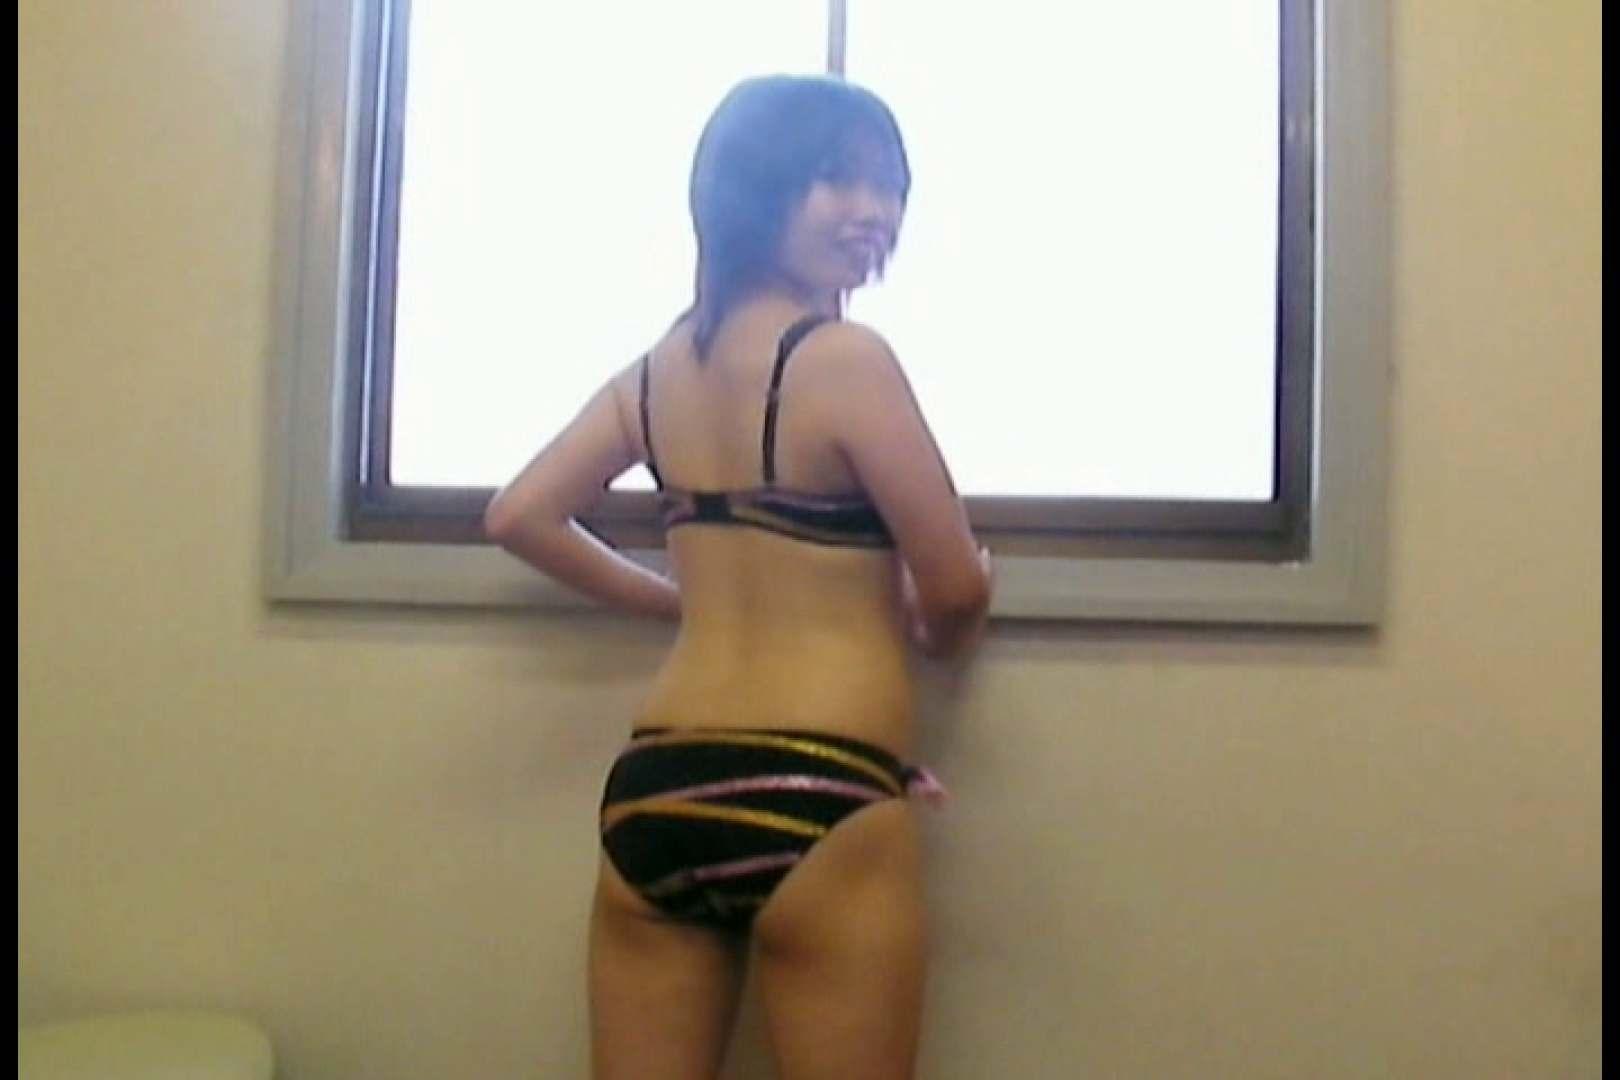 素人撮影 下着だけの撮影のはずが・・・仮名ゆき22歳 盗撮 オマンコ無修正動画無料 101pic 83